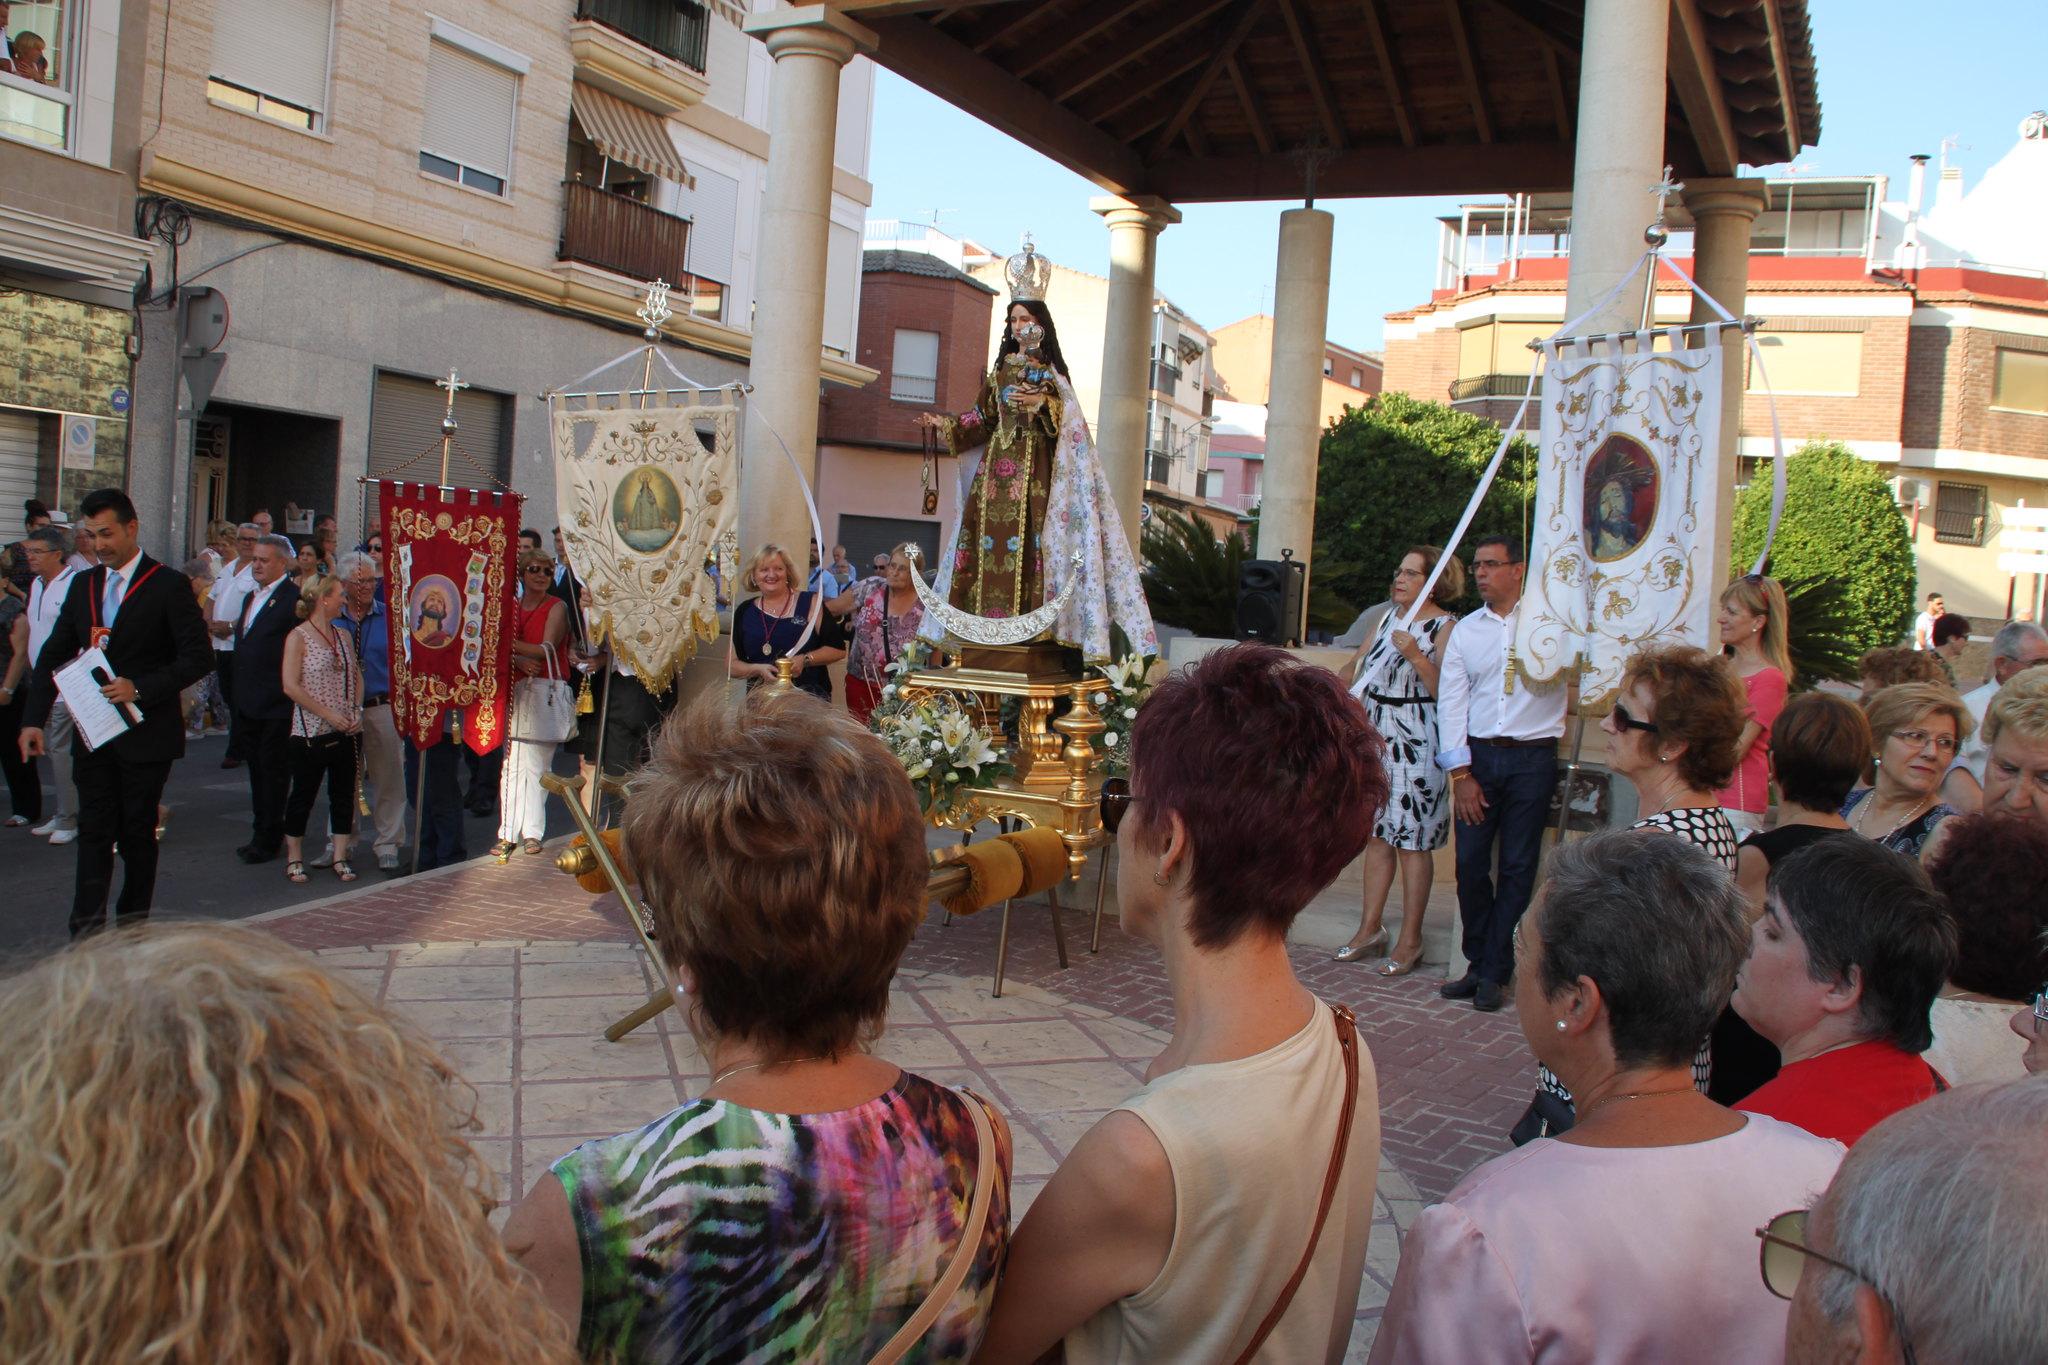 (2015-07-12) - Virgen del Carmen, parroquia La Santa Cruz - Javier Romero Ripoll (55)